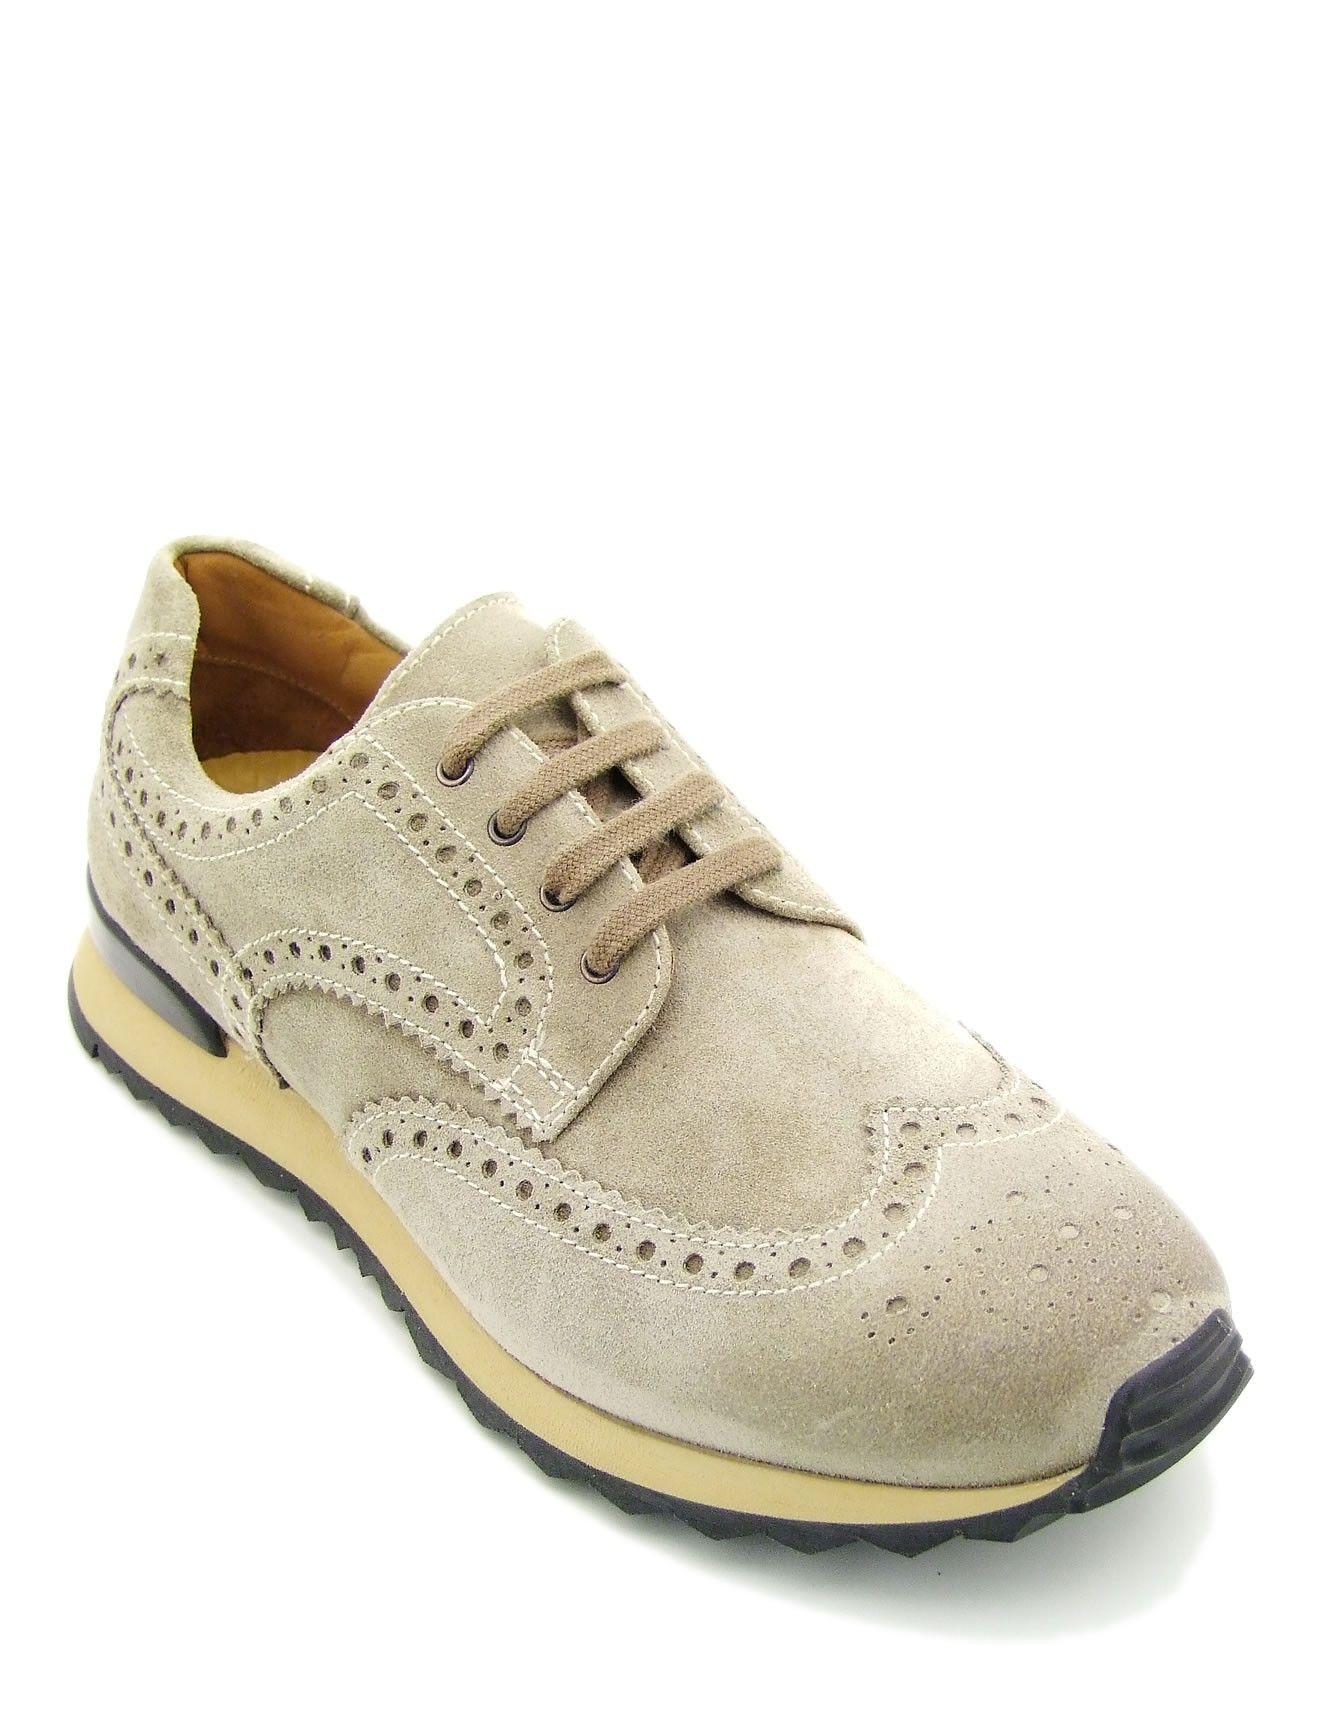 Sneaker stringata realizzata in morbida pelle beige scamosciata. Punta  riportata a coda di rondine 3021454258d